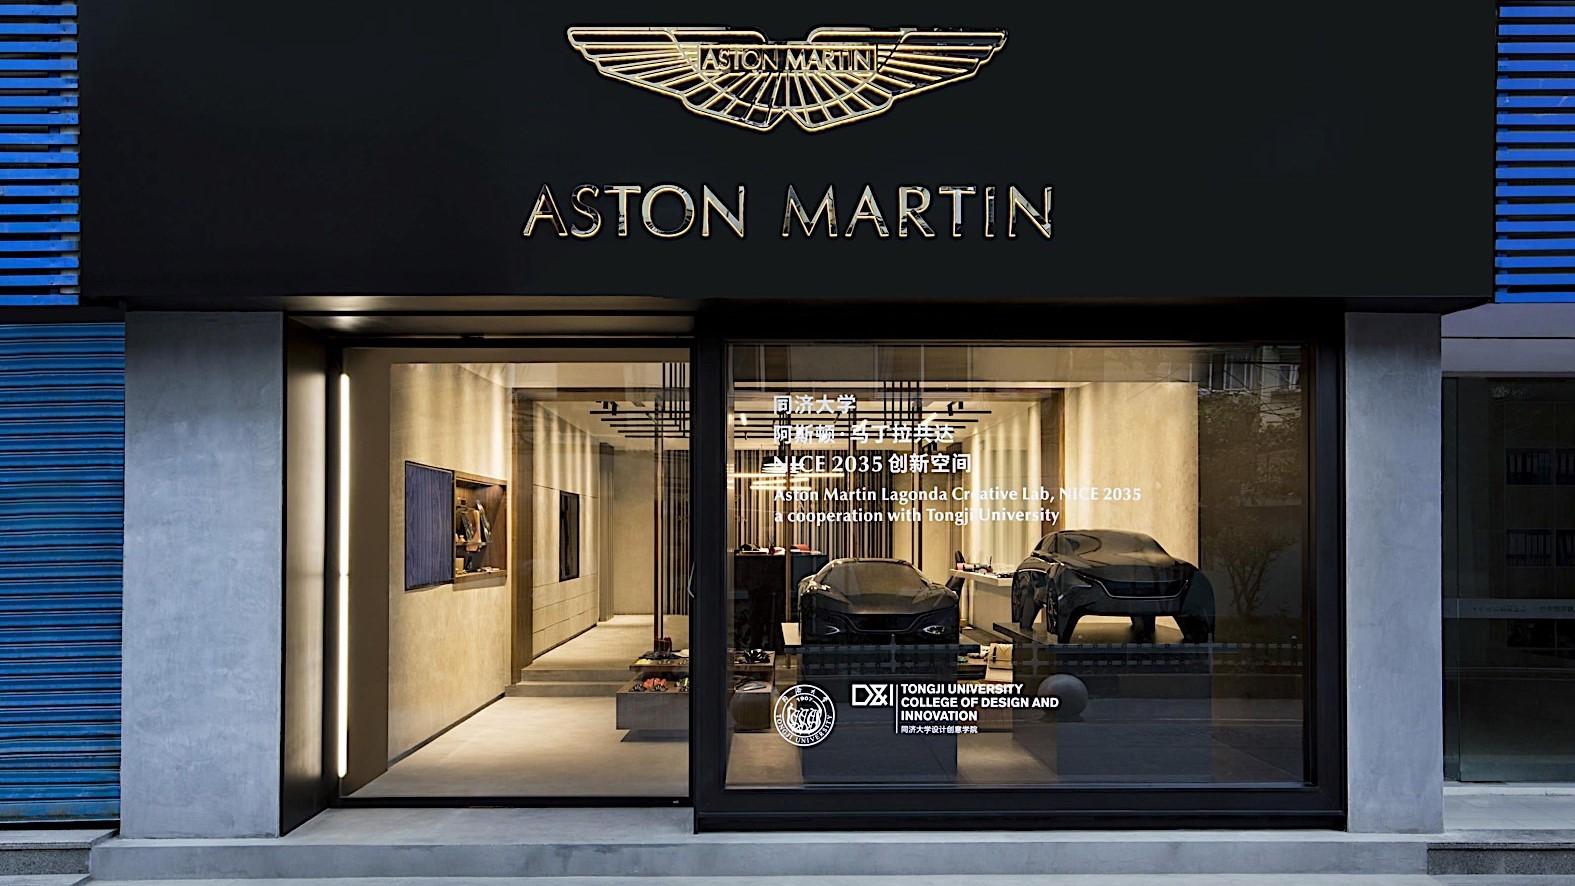 aston-martin-suv-to-have-interior-designed-in-china-129642_1